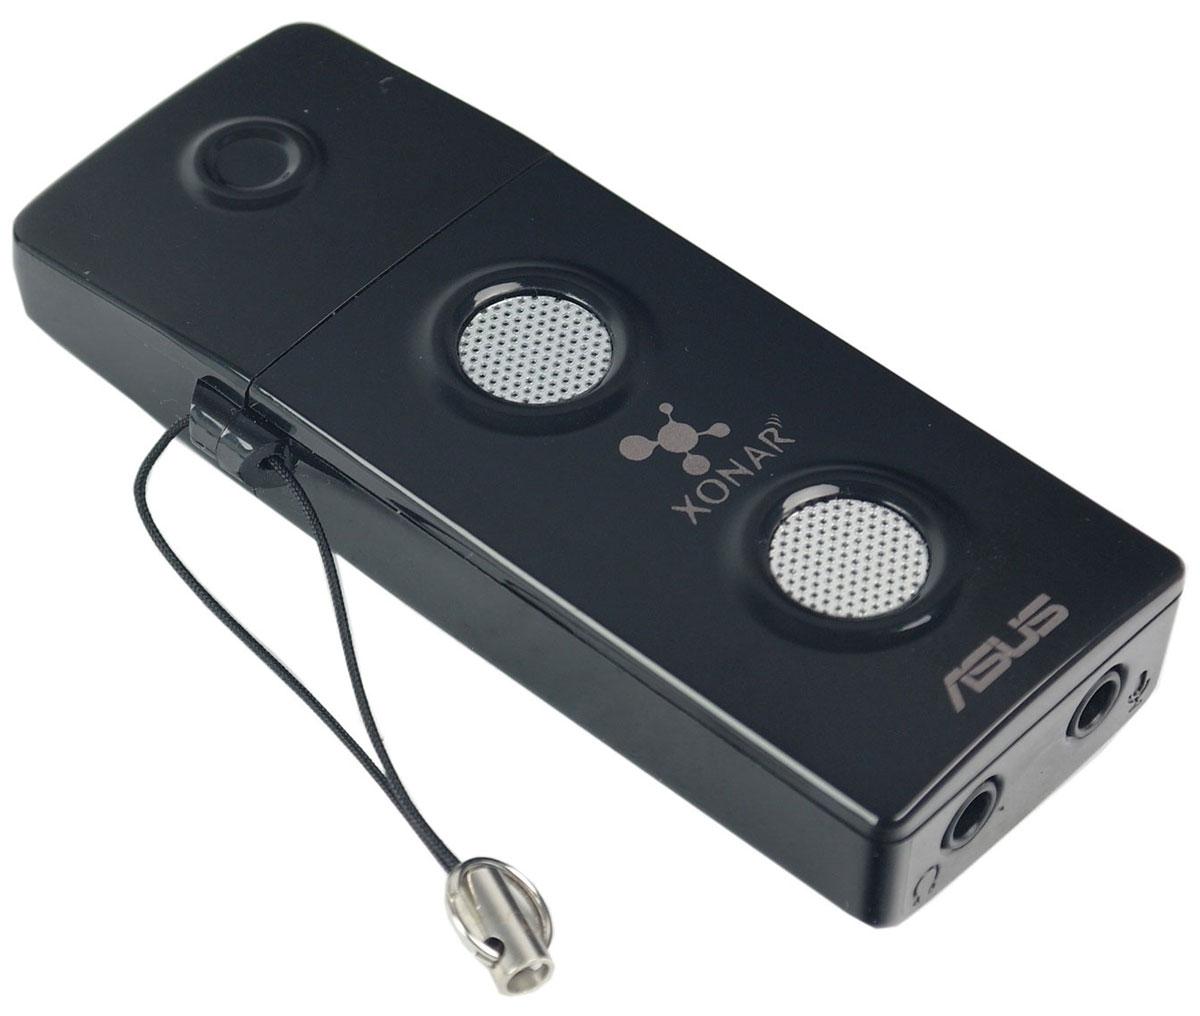 ASUS Xonar U3 звуковая картаXONAR U3Звуковая карта Asus Xonar U3 - решение класса Hi-Fi для вашего ноутбука Портативная звуковая карта Xonar U3 поможет улучшить звук вашего ноутбука при прослушивании музыки, просмотре фильмов, в играх и при использовании IP-телефонии. Усилитель наушников Настраиваемый усилитель поможет максимально раскрыть потенциал ваших наушников. Dolby Home Theater Качественное пространственное звучание Asus Xonar U3 представляет собой портативную звуковую карту с интерфейсом USB, которая поддерживает технологии Dolby, направленные на повышение качества звука. GX2.5 Реалистичные звуковые эффекты. Аудиопроцессор с возможностью применения до 128 различных звуковых эффектов одновременно обеспечивает реалистичное пространственное звучание. Звук класса Hi-Fi Кристальная чистота. Благодаря эксклюзивной технологии Hyper Grounding обеспечивается отделение аудиосигнала от источников шума. Съемный колпачок Вы...